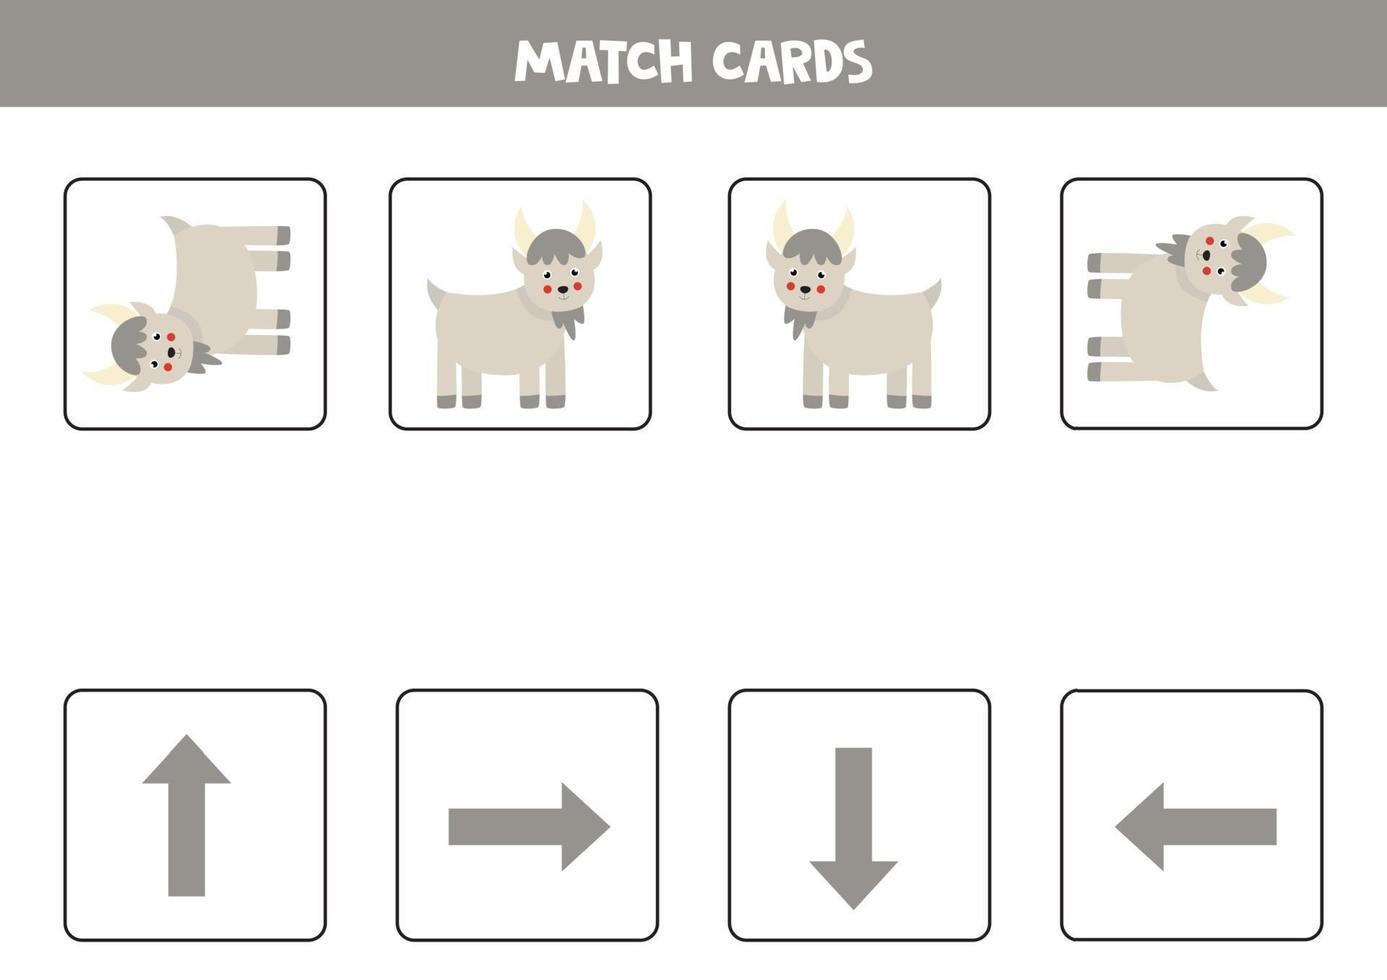 izquierda, derecha, arriba o abajo. Orientación espacial con cabra de dibujos animados. vector